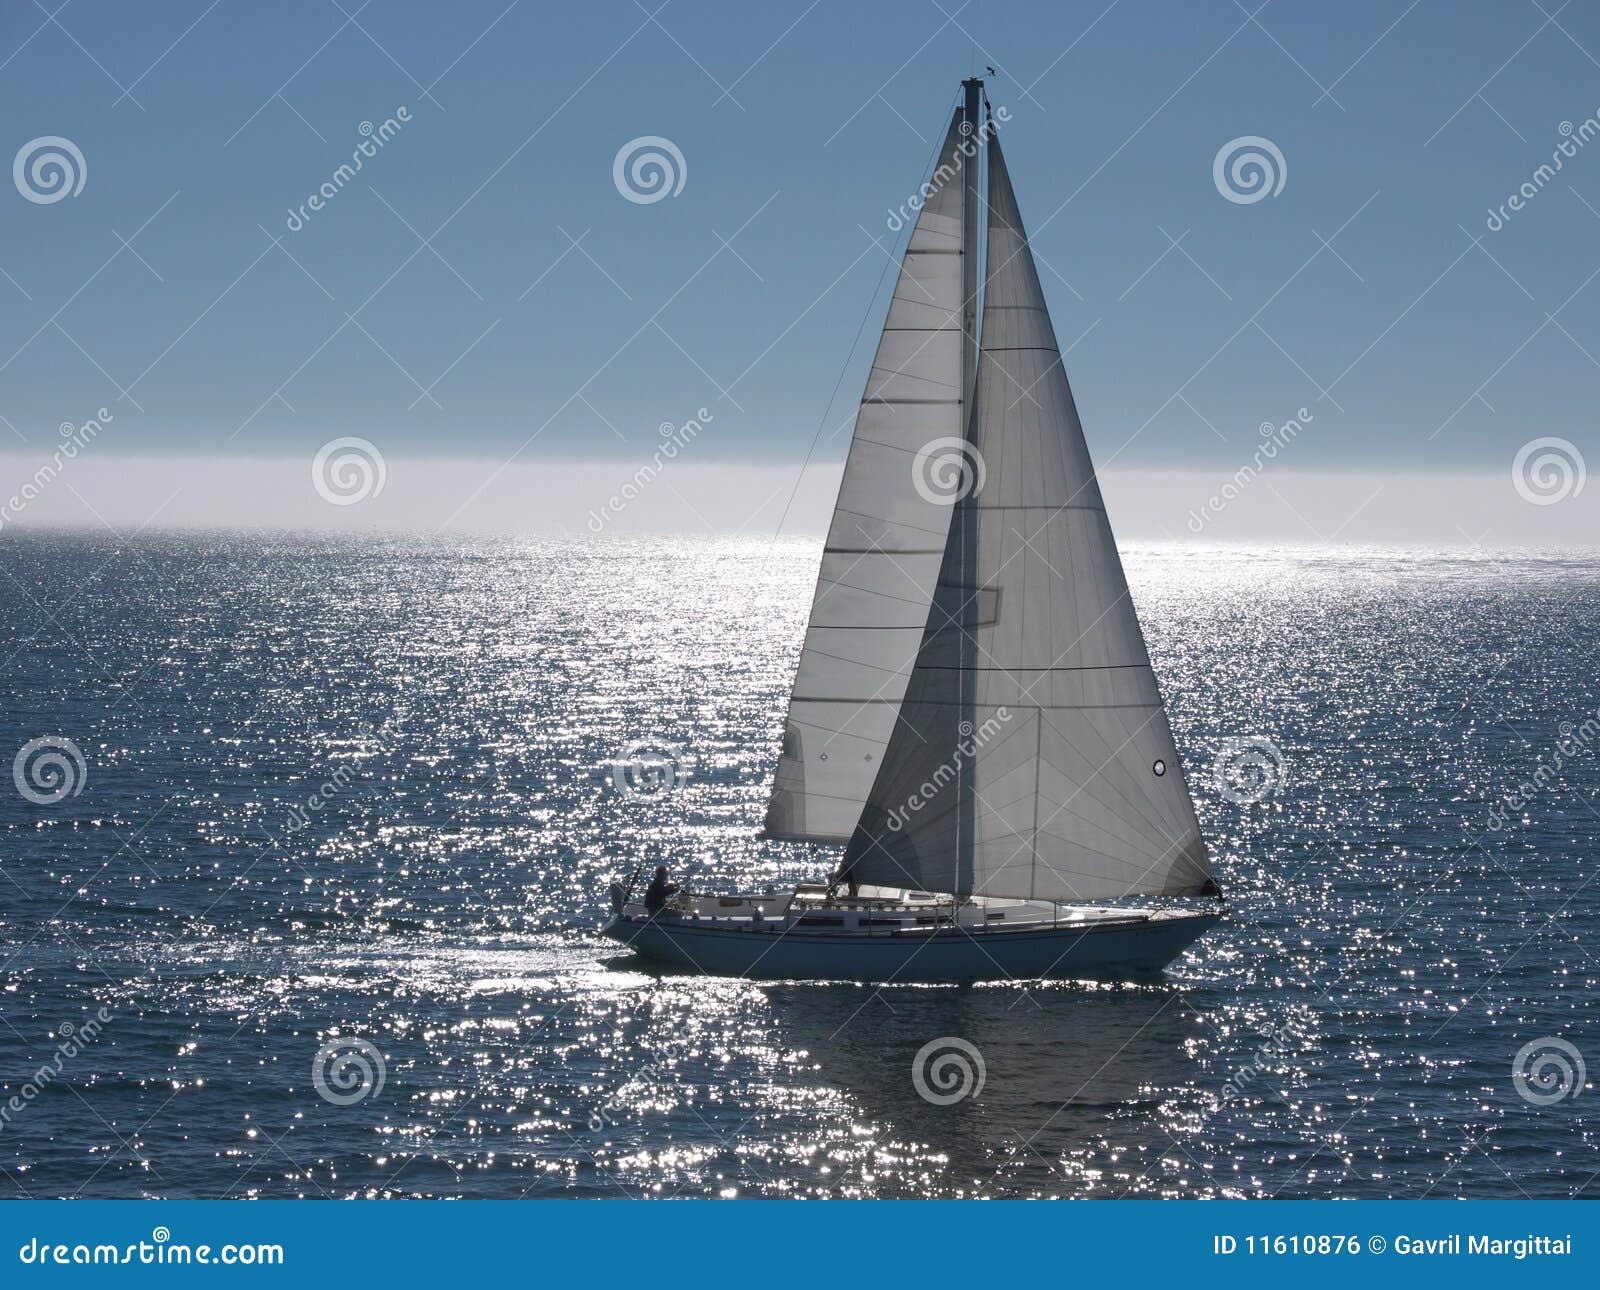 Bateau à voiles glissant sur la mer calme